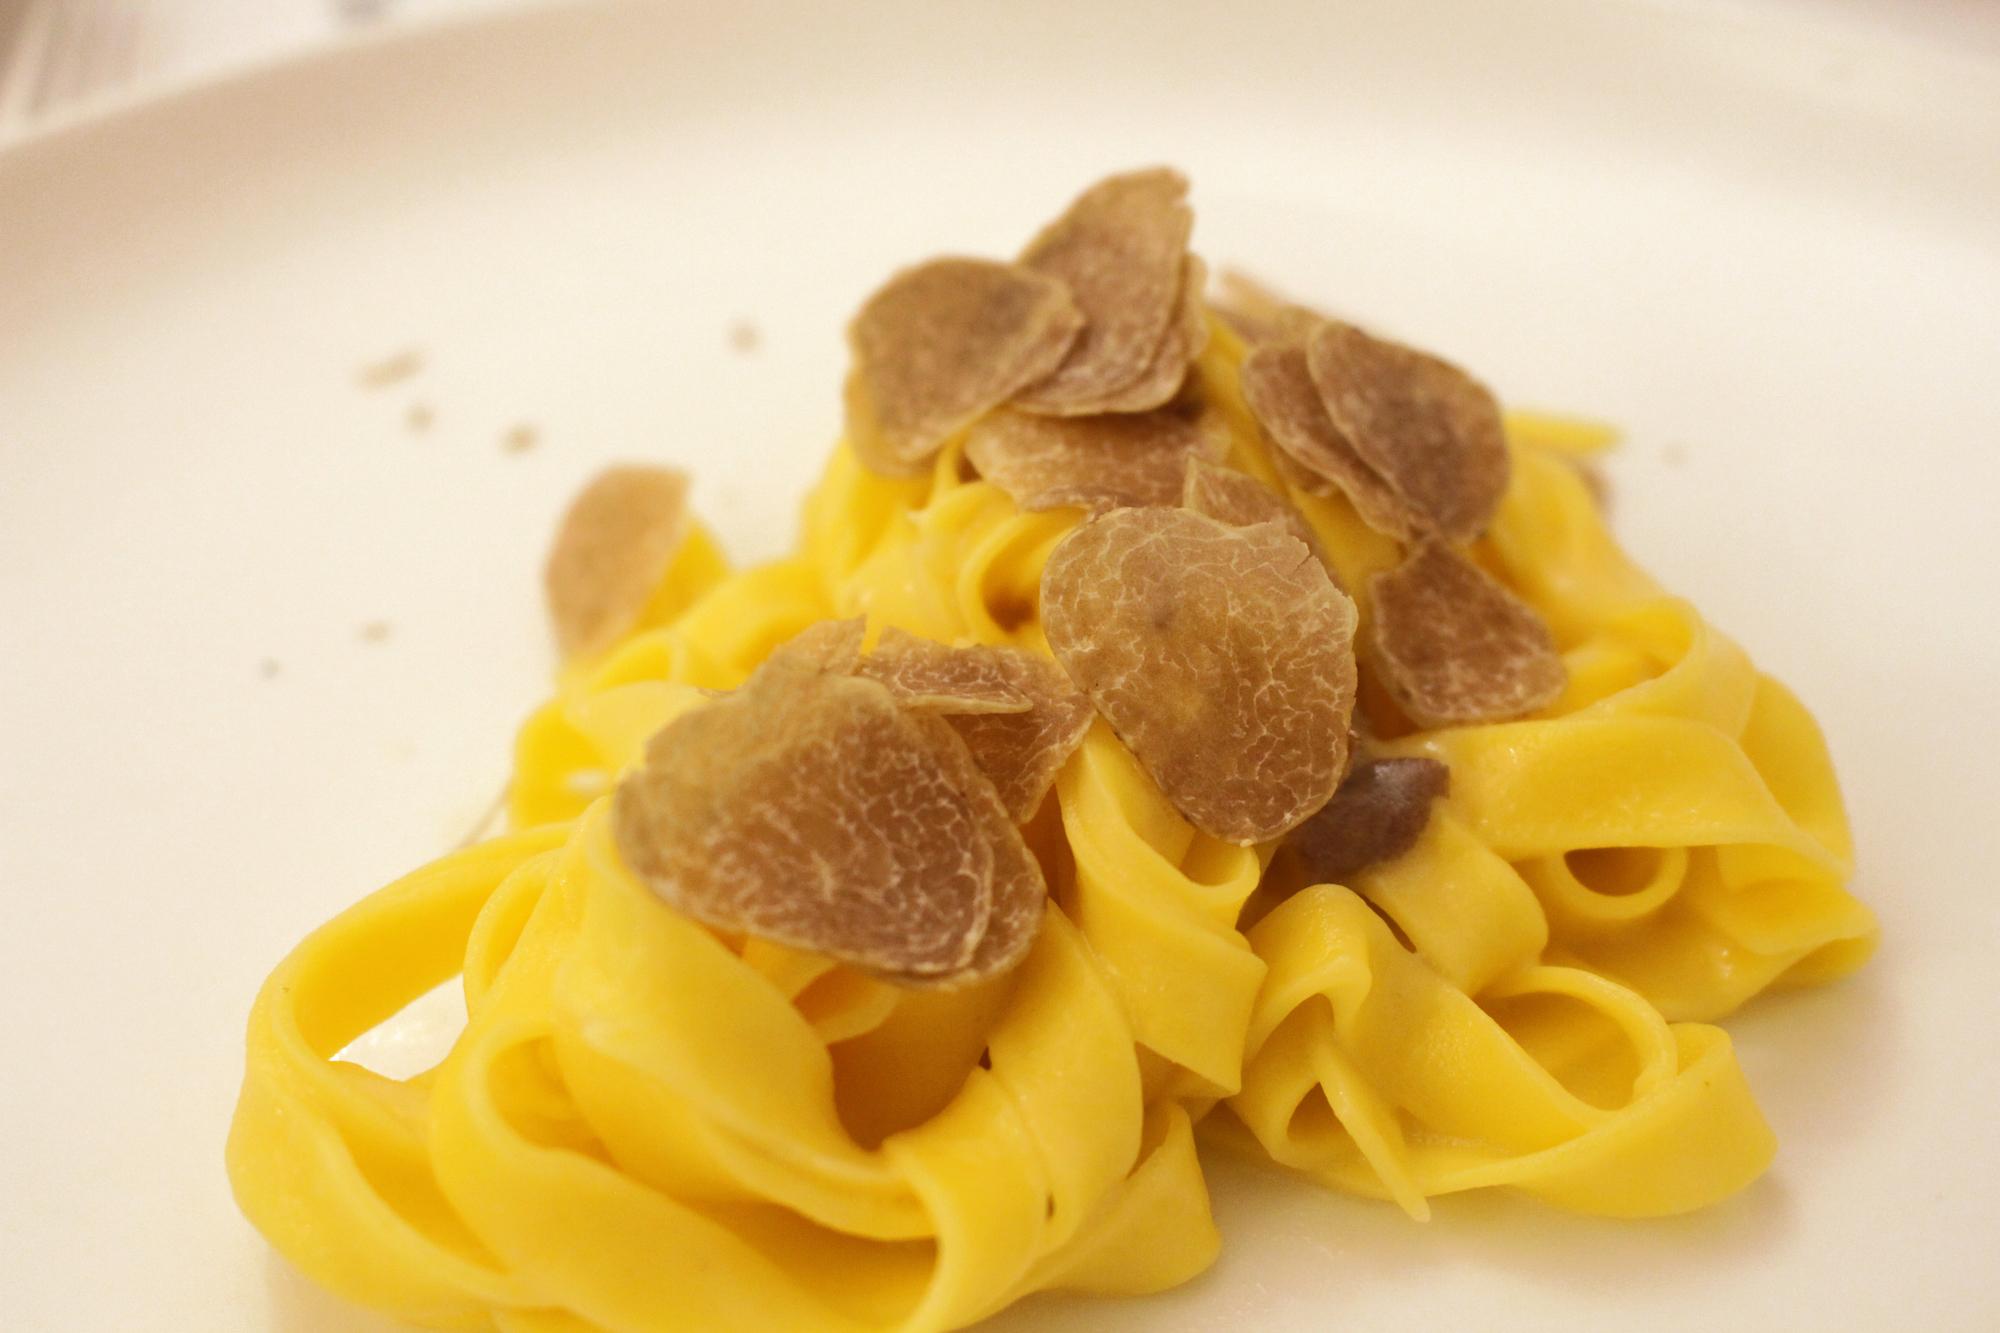 A Caccia di tartufo sui Colli Bolognesi - Truffle Experience in Bologna Hills